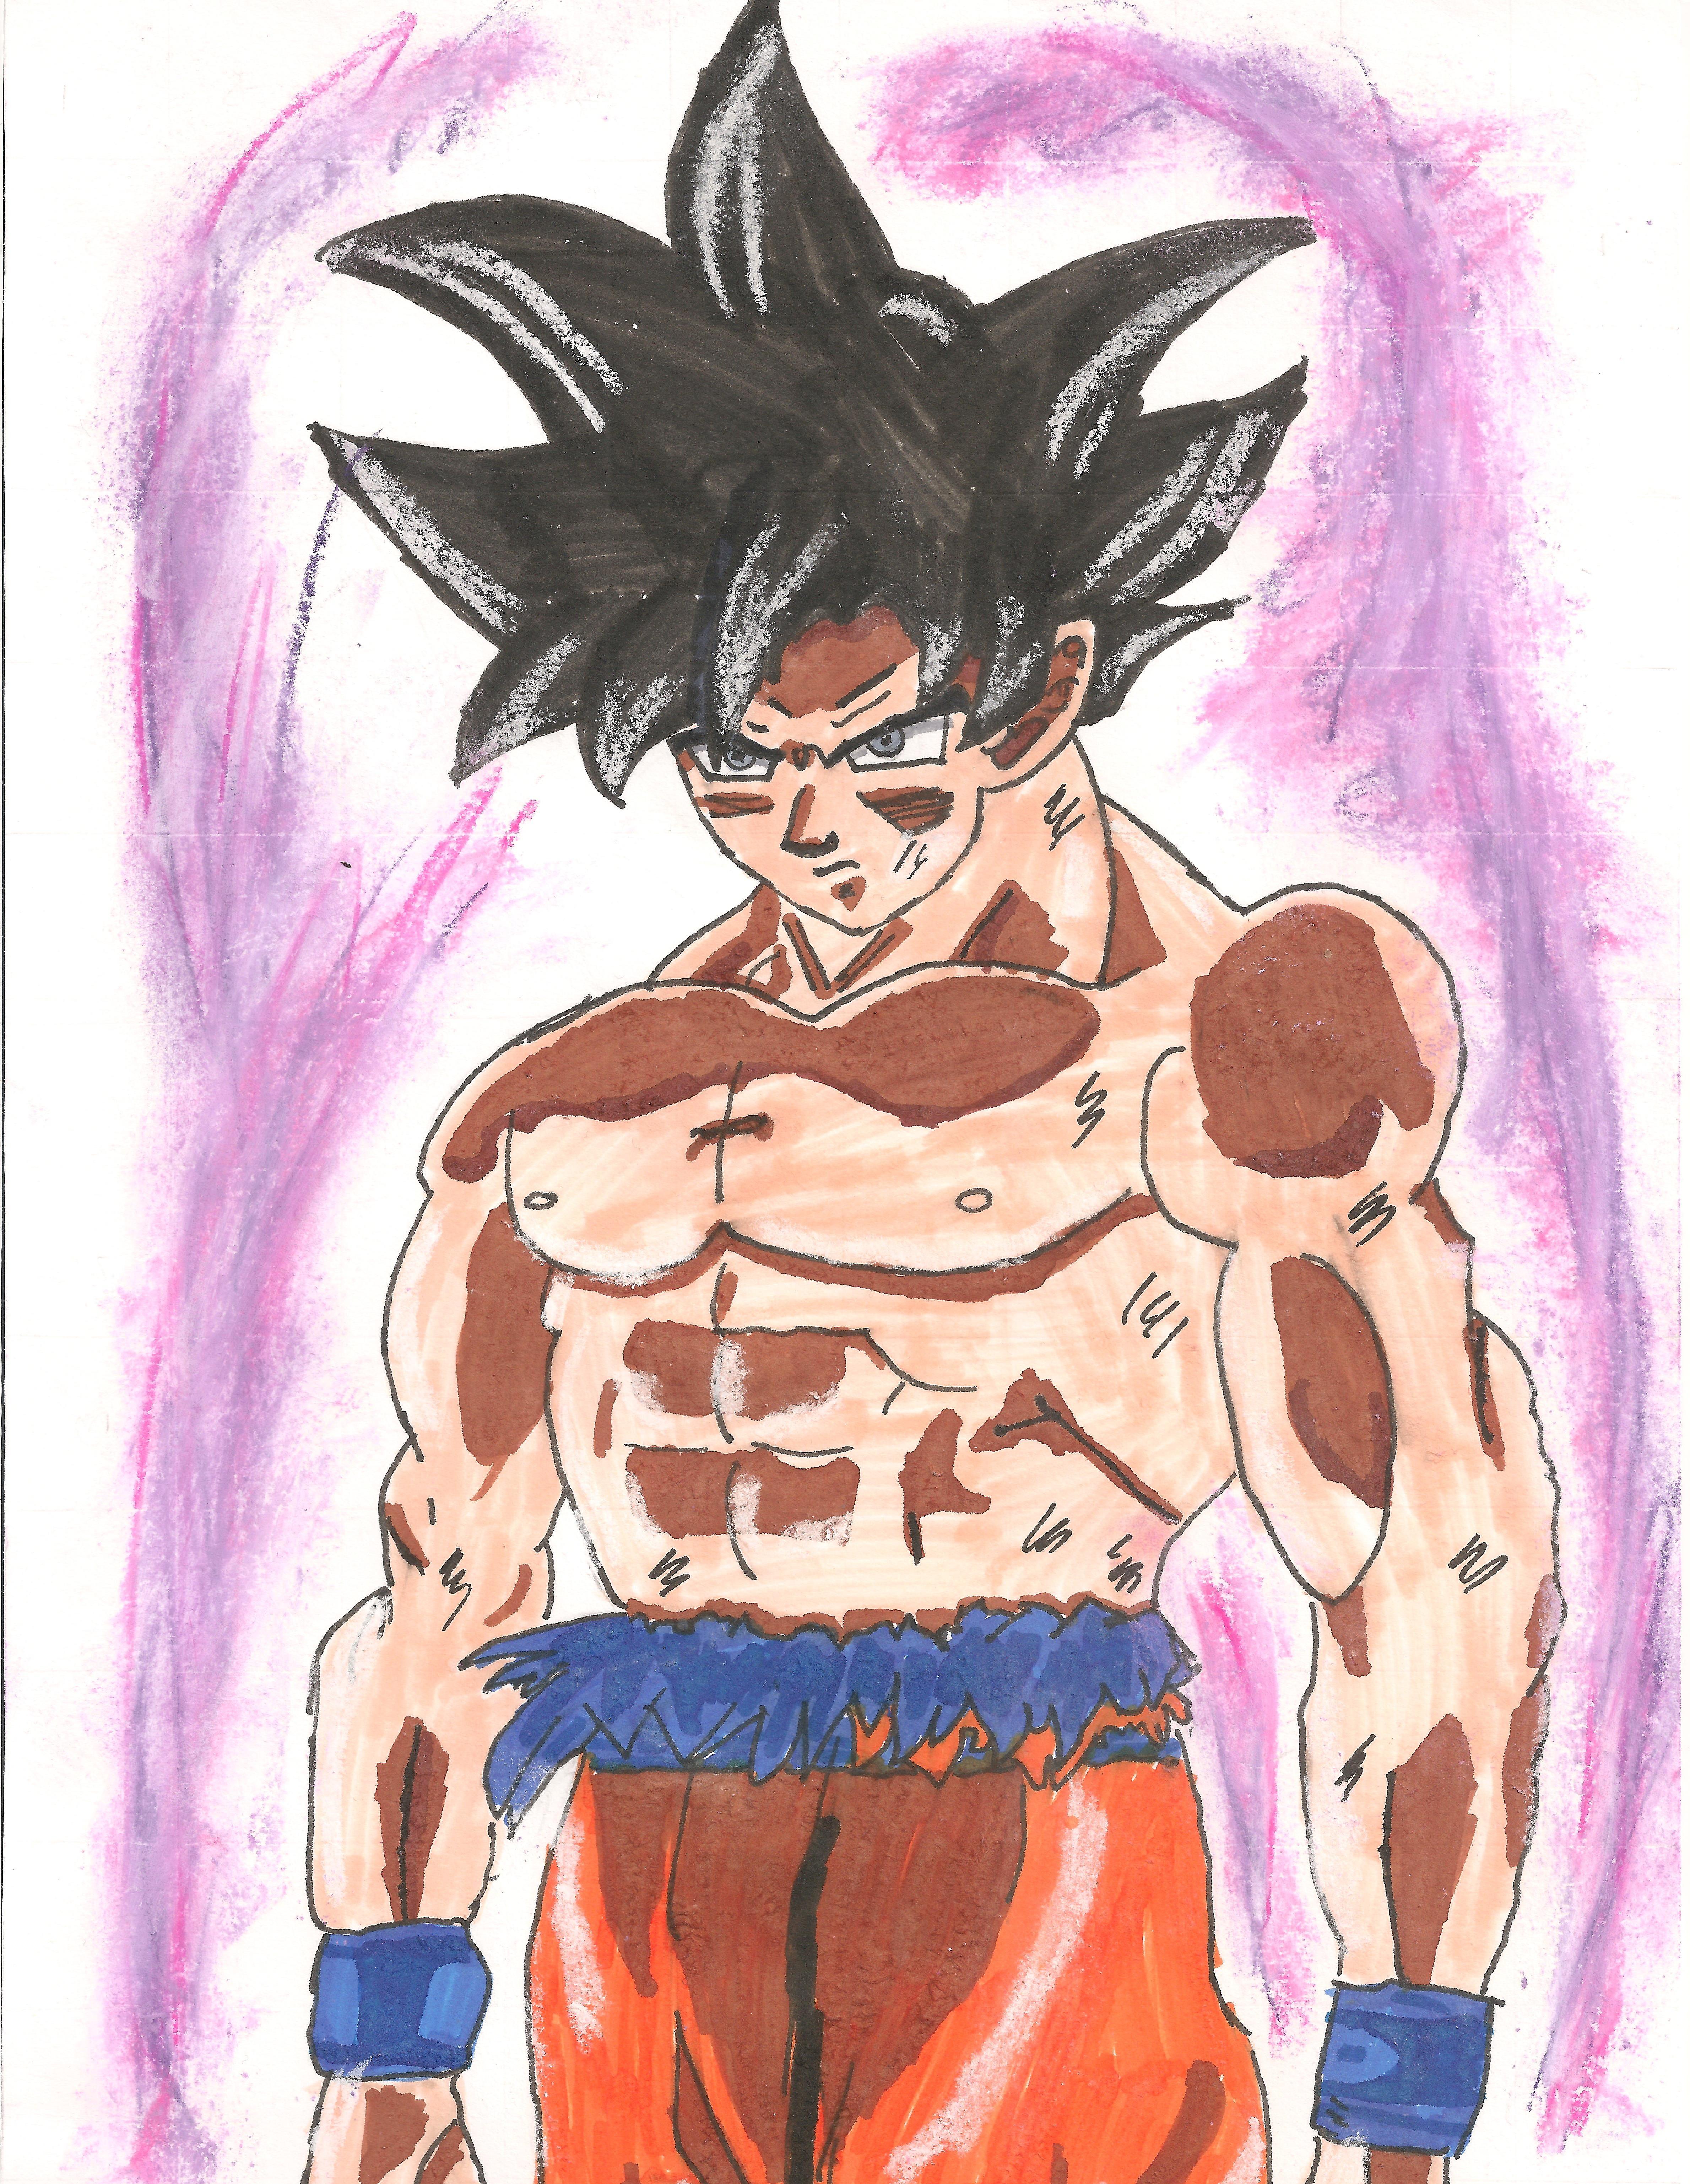 Dessin Son Goku ultra instinct de Kizla